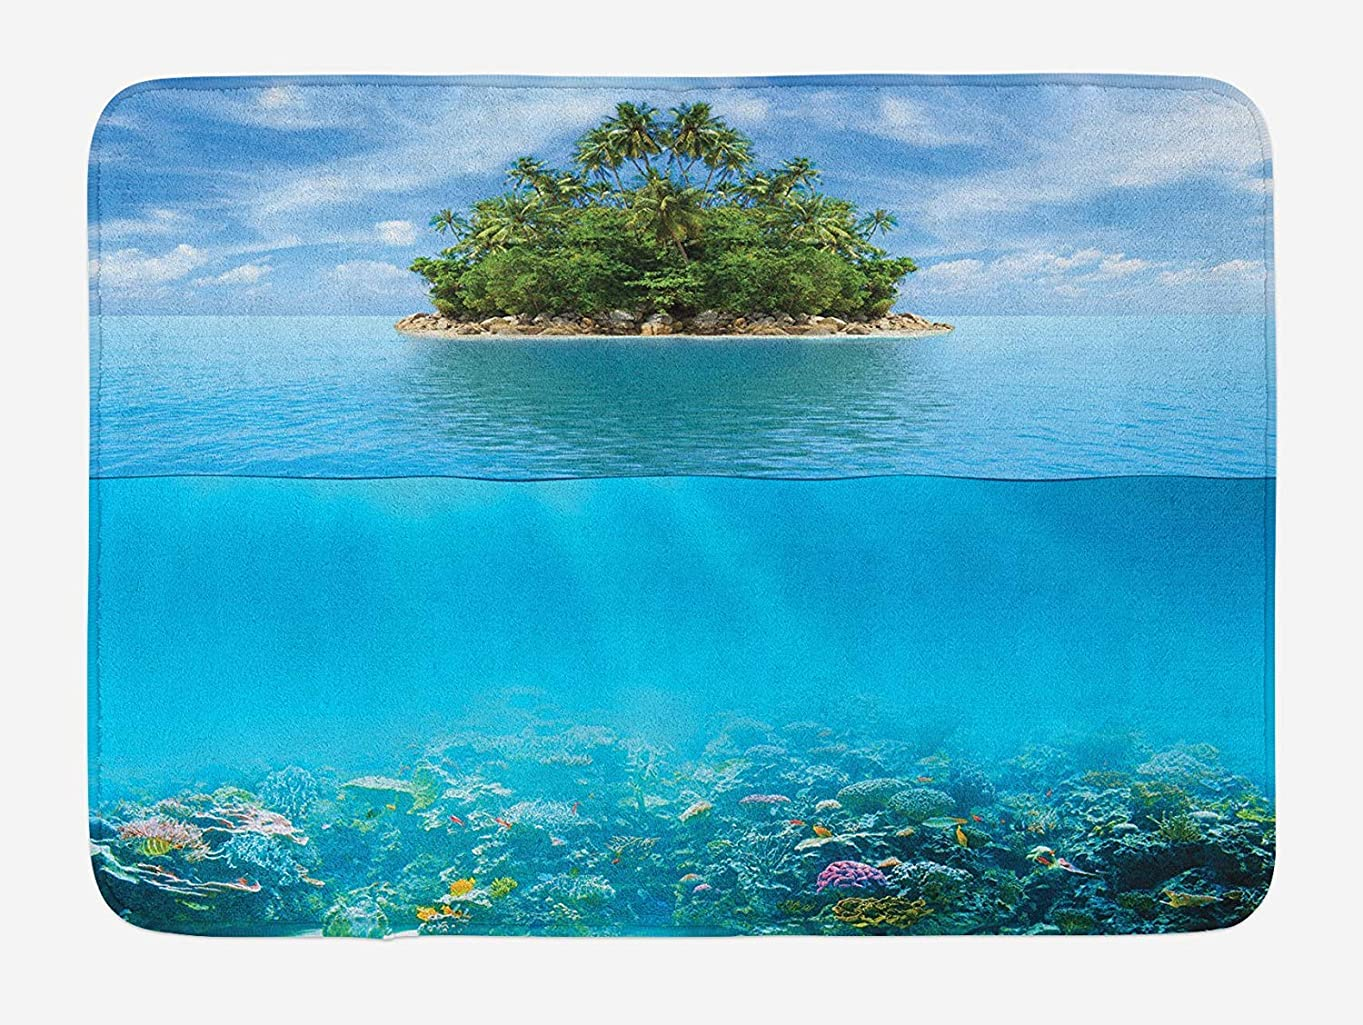 何十人もせっかちバレエAmxxy 海の孤独な島には、密林のエキゾチックな植物や動物や植物がありますモダンなバスルームの家の装飾ノンスリップバスマットドアマットフランネル素材屋外ドア装飾ルーム